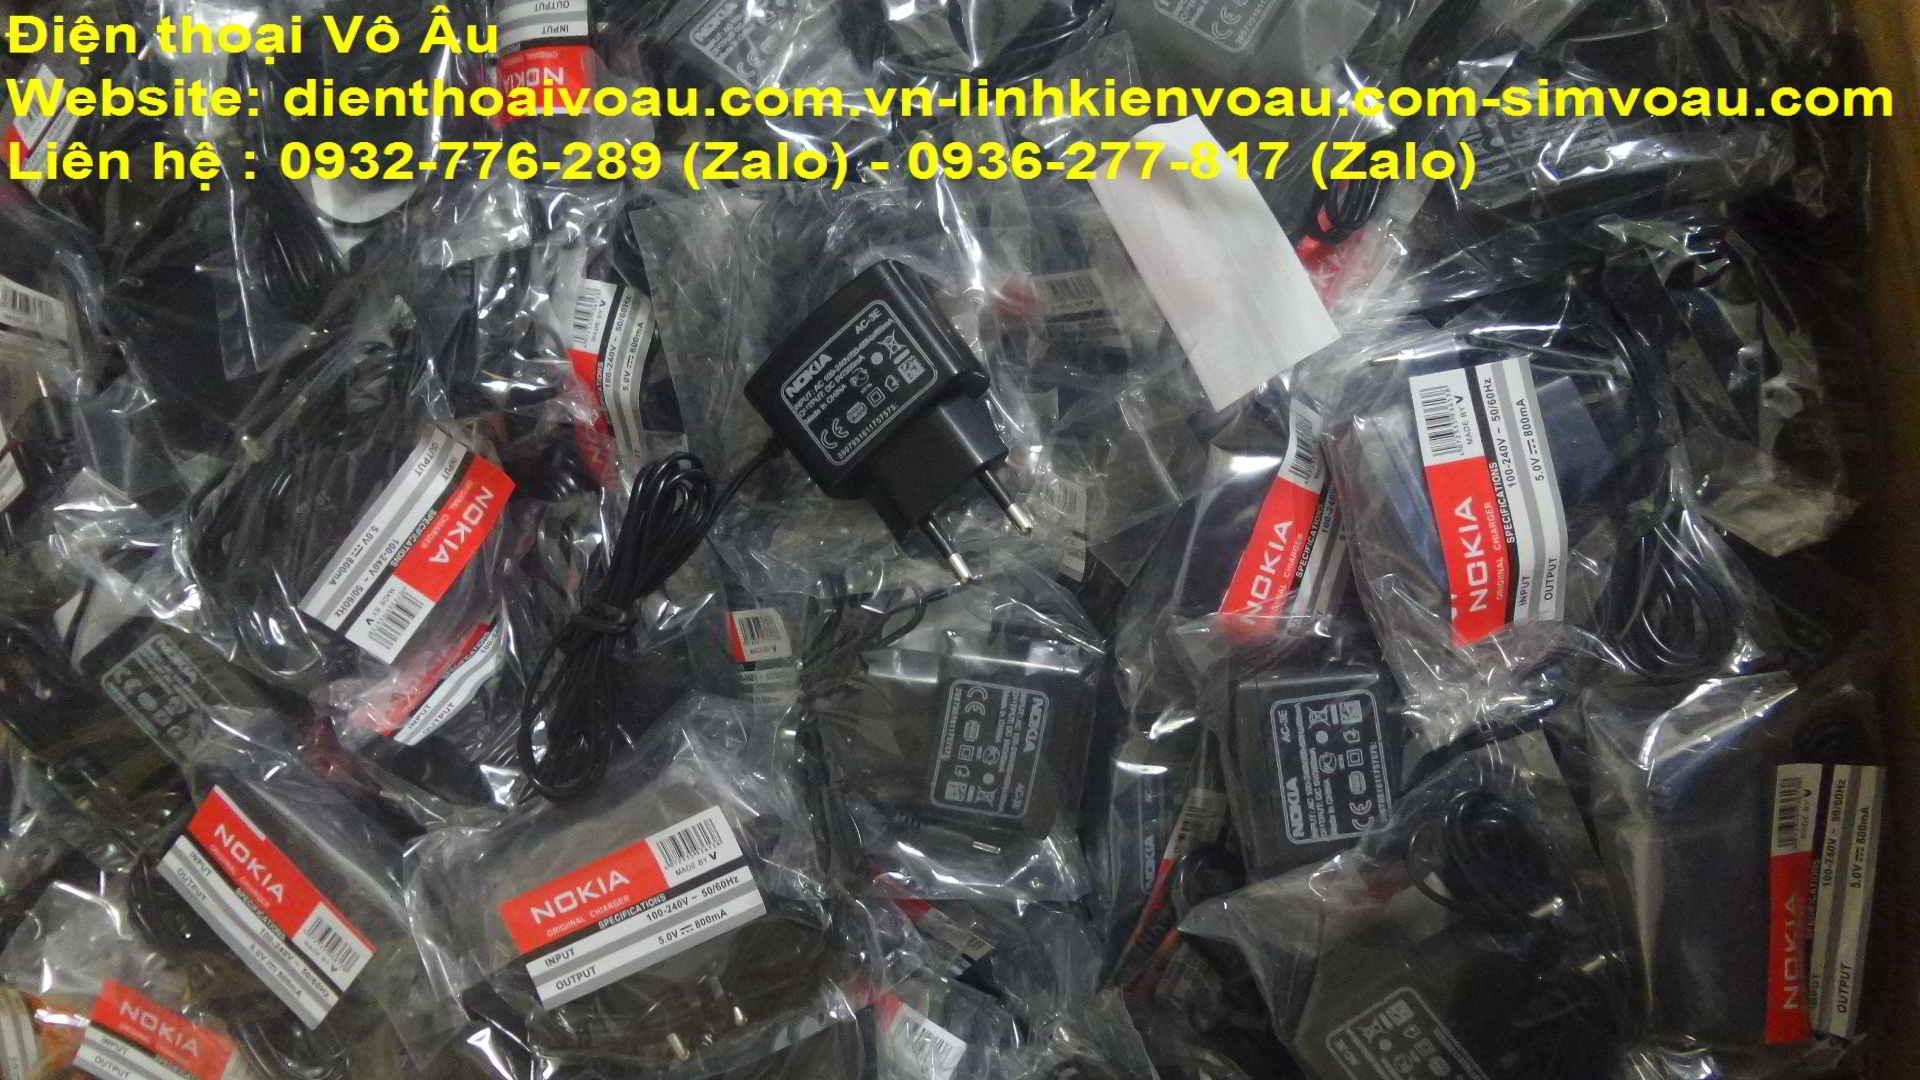 Điện thoại Vô Âu-Chuyên cung cấp sạc nokia chuôi nhỏ,lớn,samsung 8600,j7,sạc motorola V3,sạc sony cổ - 2